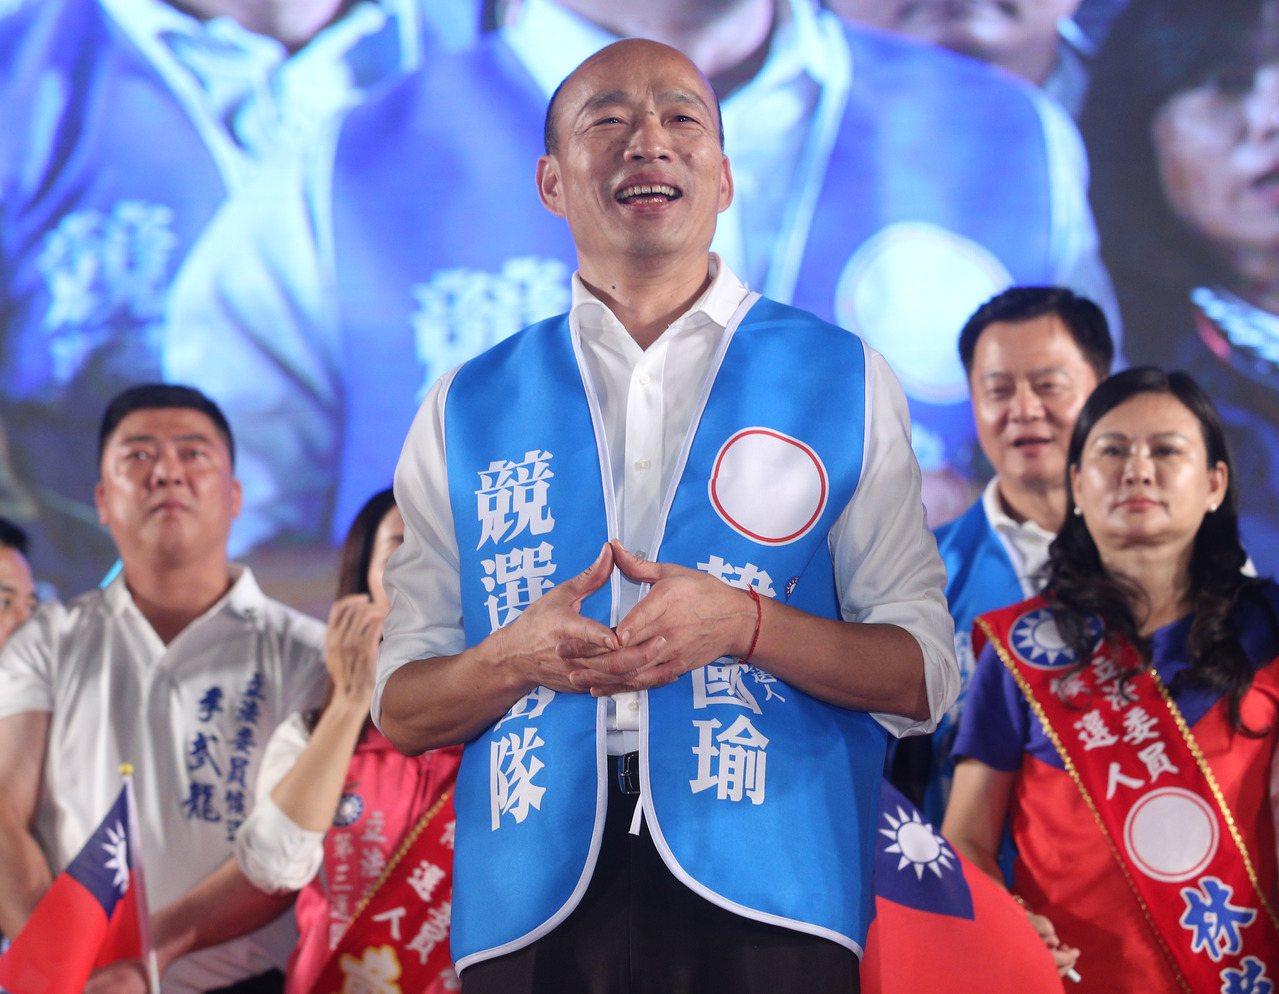 國民黨總統參選人韓國瑜在台南首場總統與立委聯合造勢晚會中對台南人吶喊:「你們挺民...